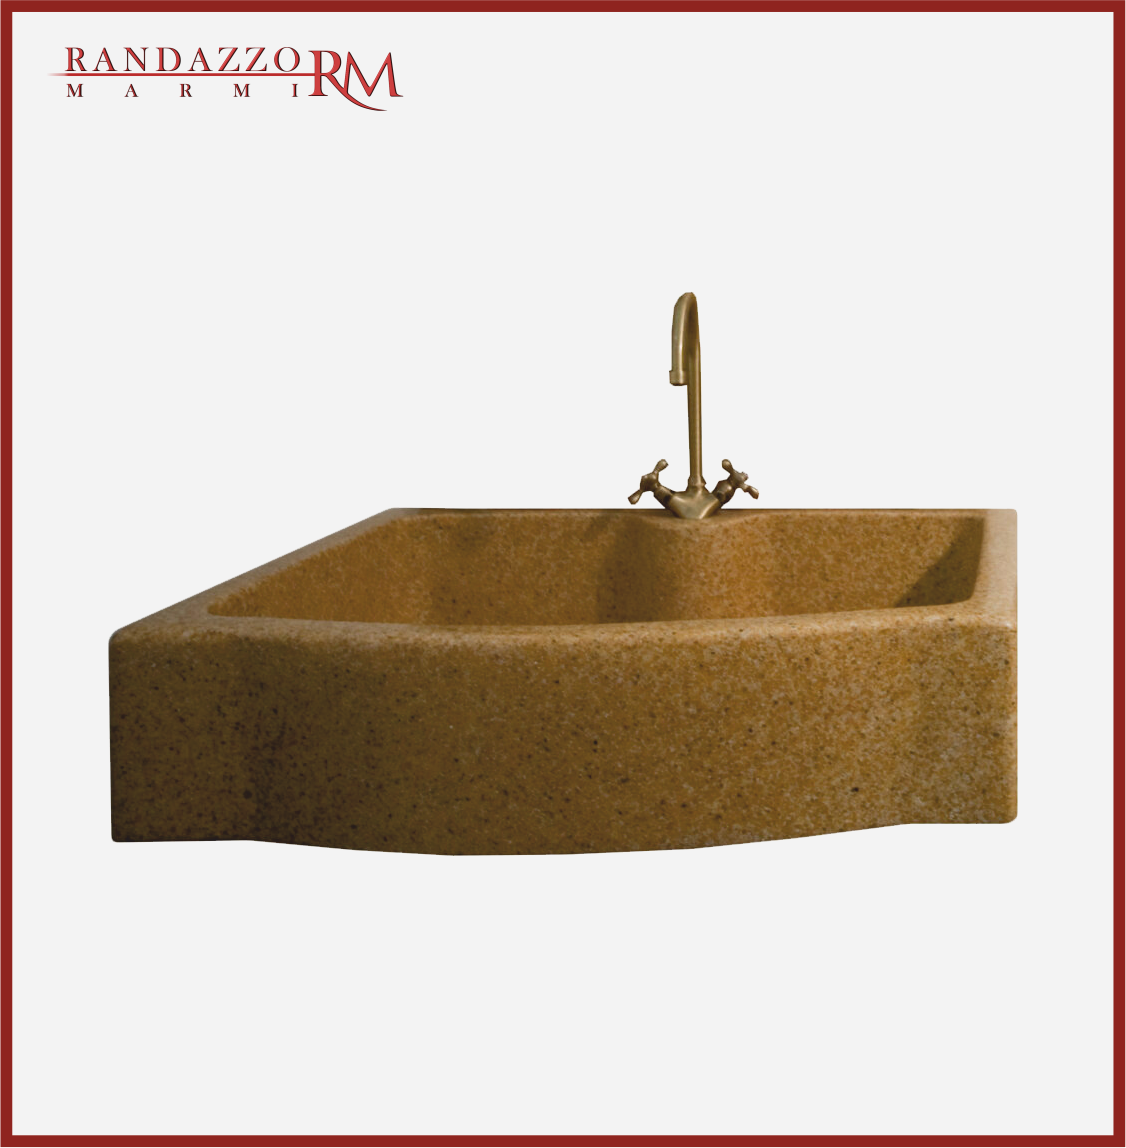 Lavello In Marmo – Resina Colore Giallo Siena